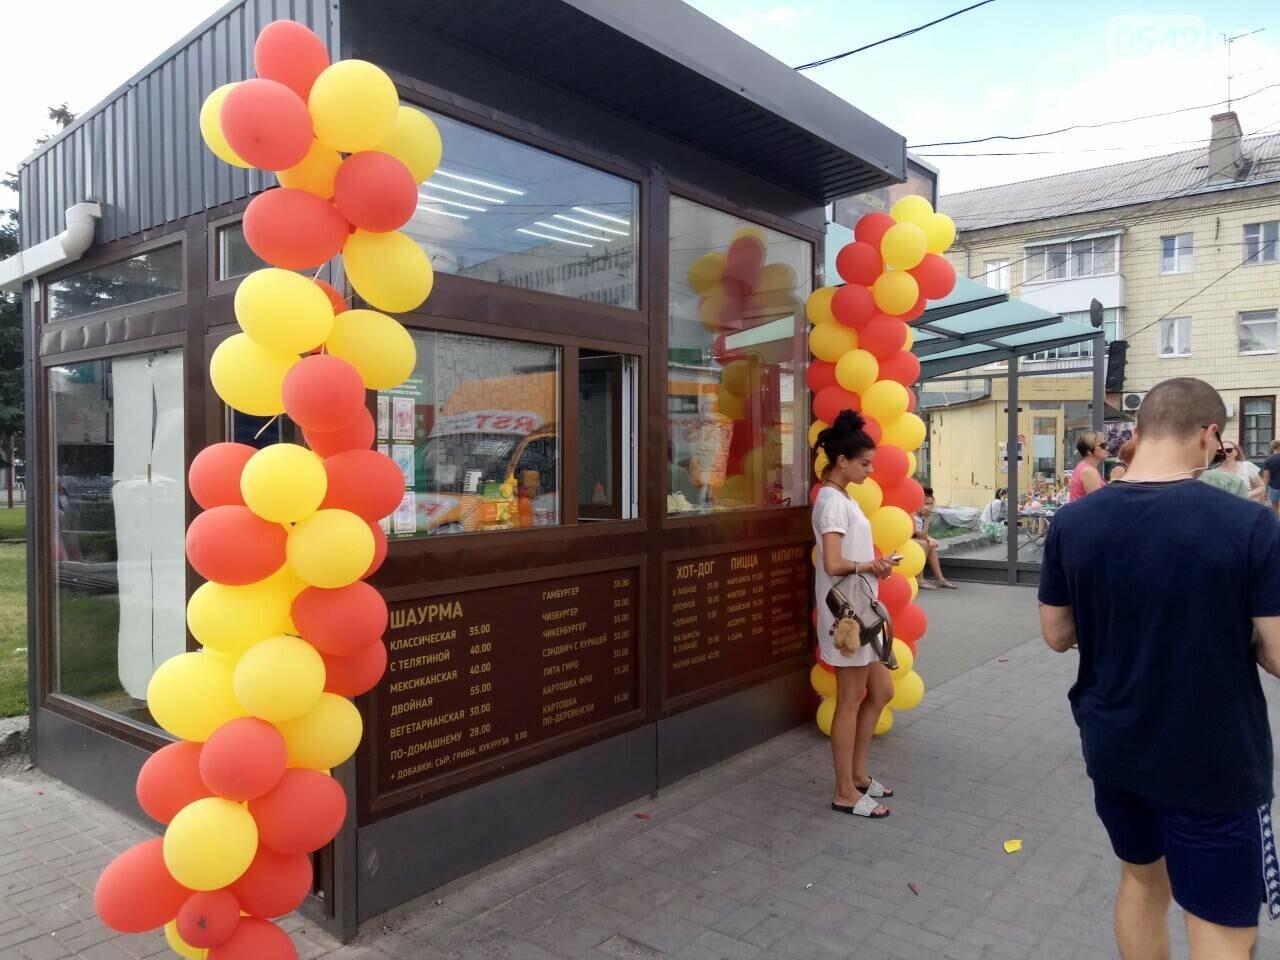 С сегодняшнего дня в Сумах в киосках для билетов вместо проездных начали продавать шаурму, фото-3